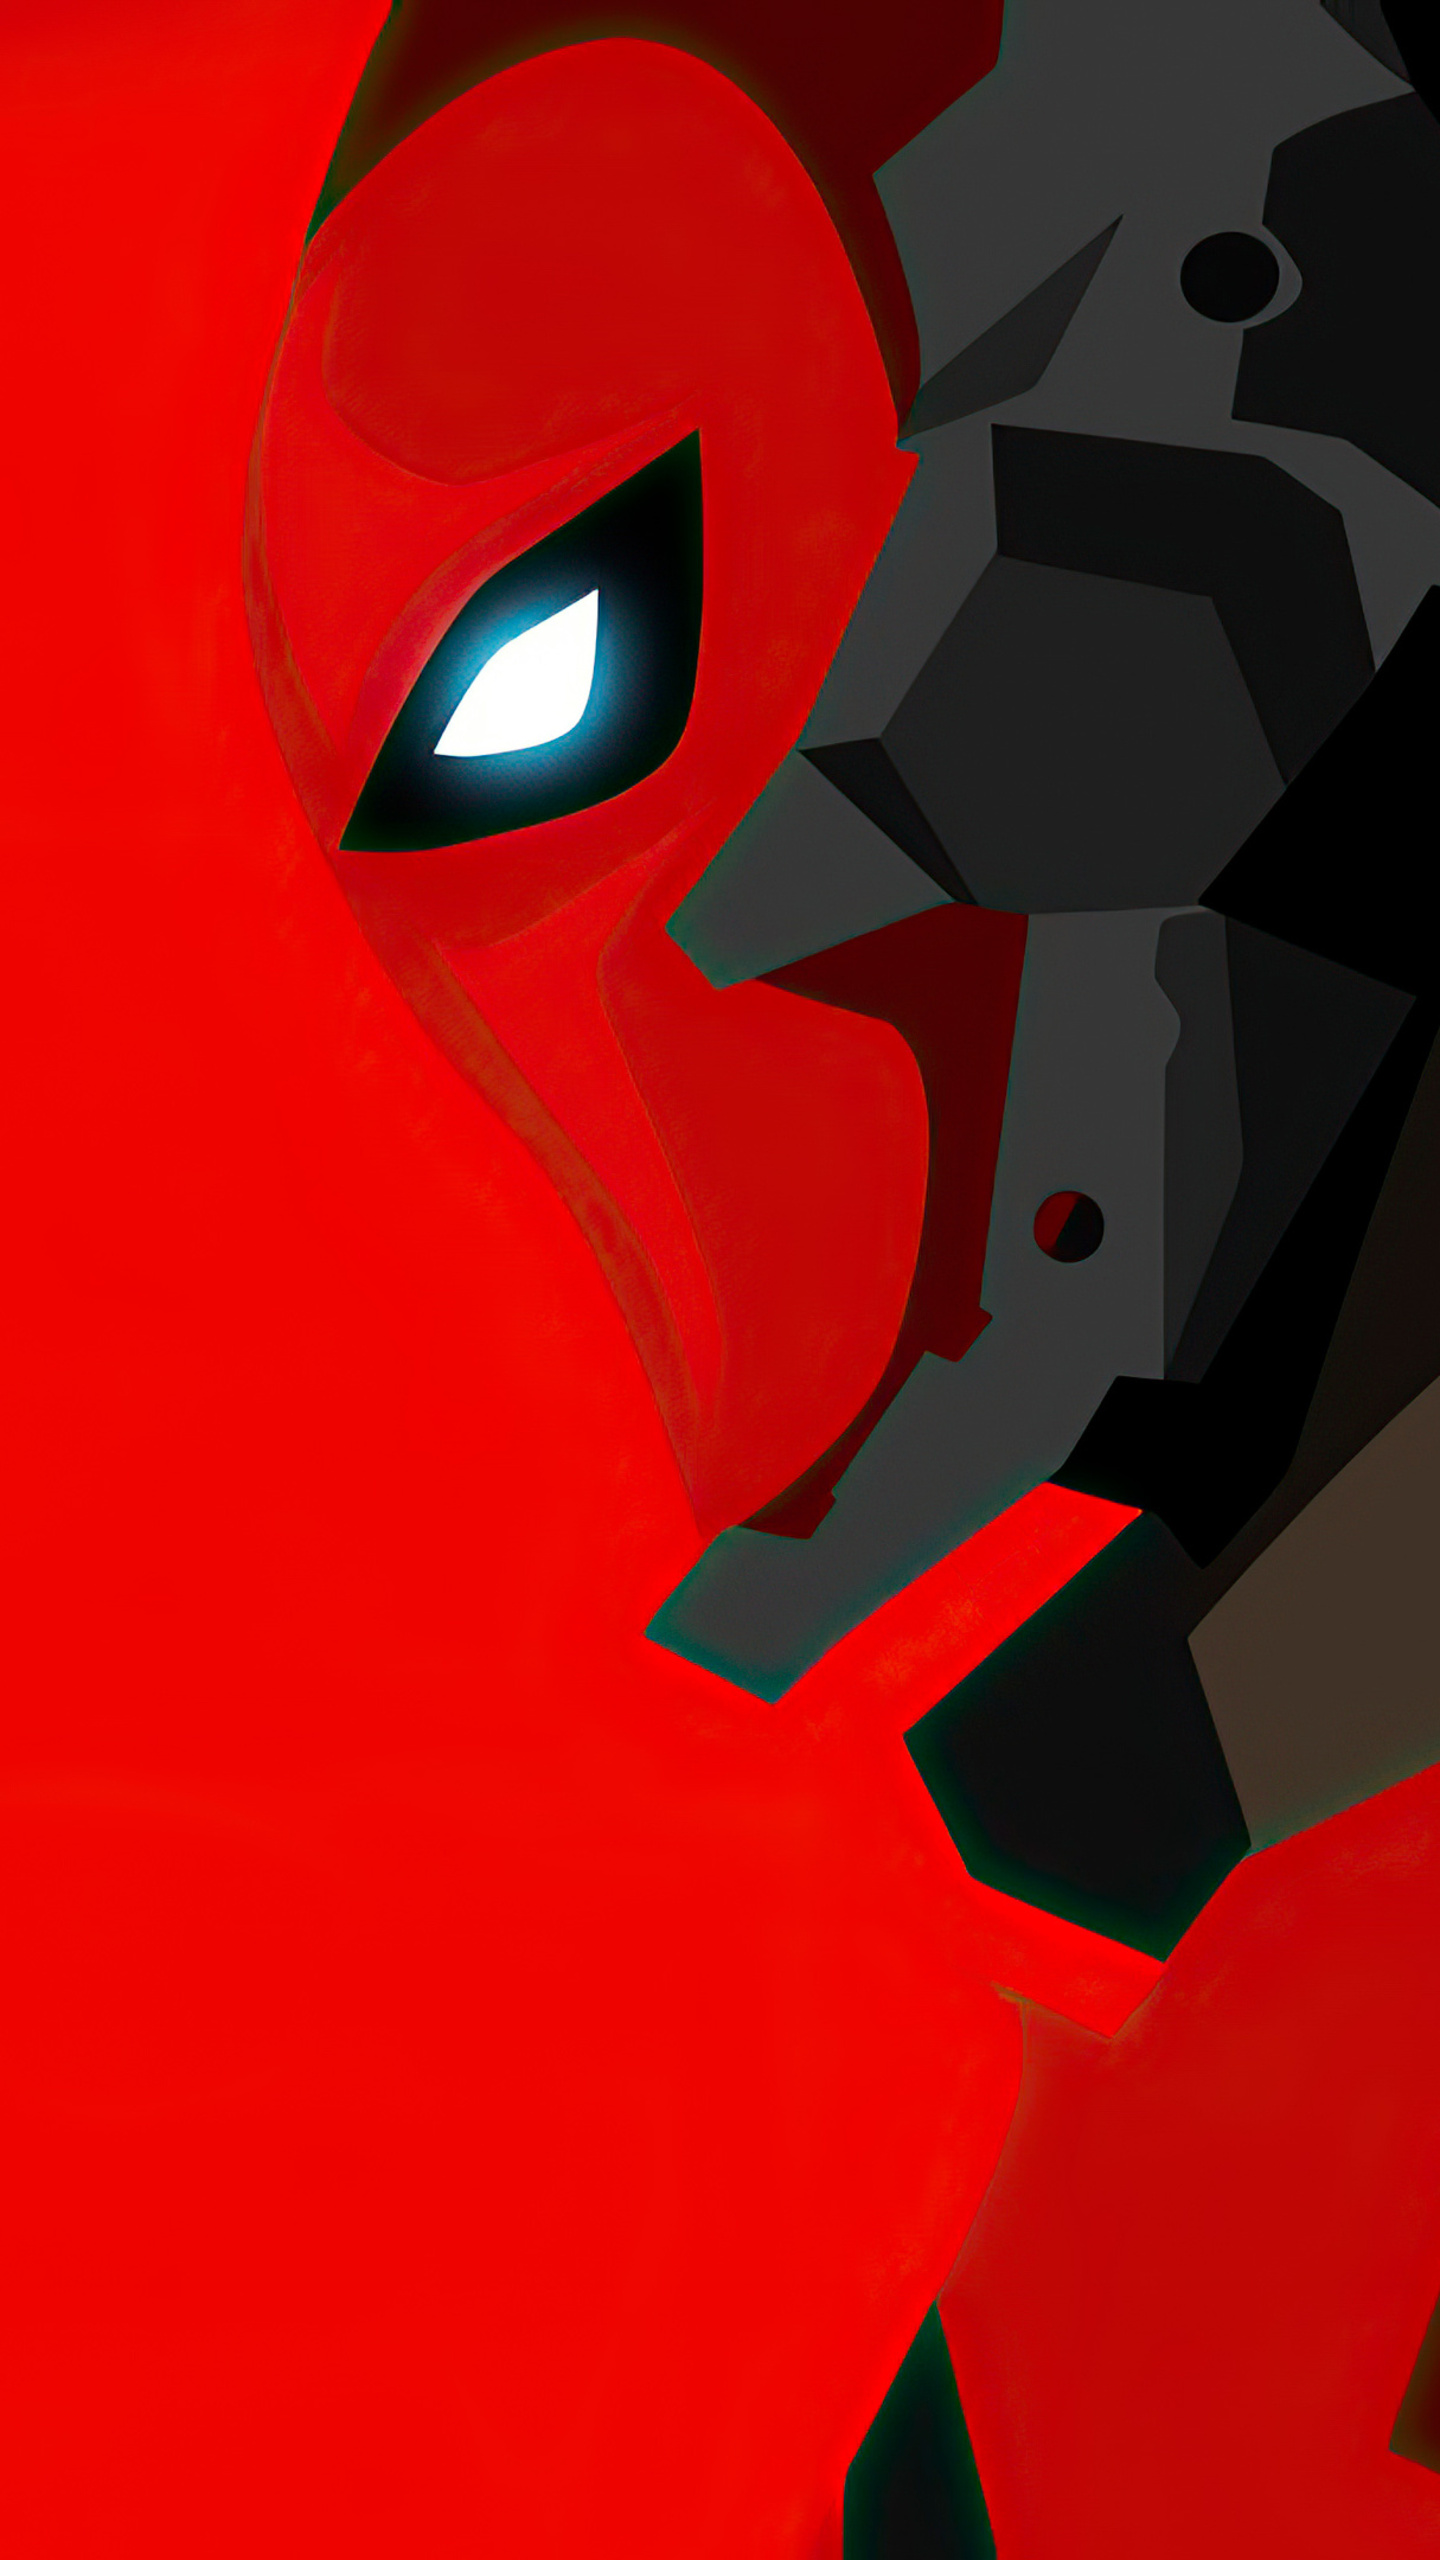 red-hood-2020-minimalism-4k-we.jpg